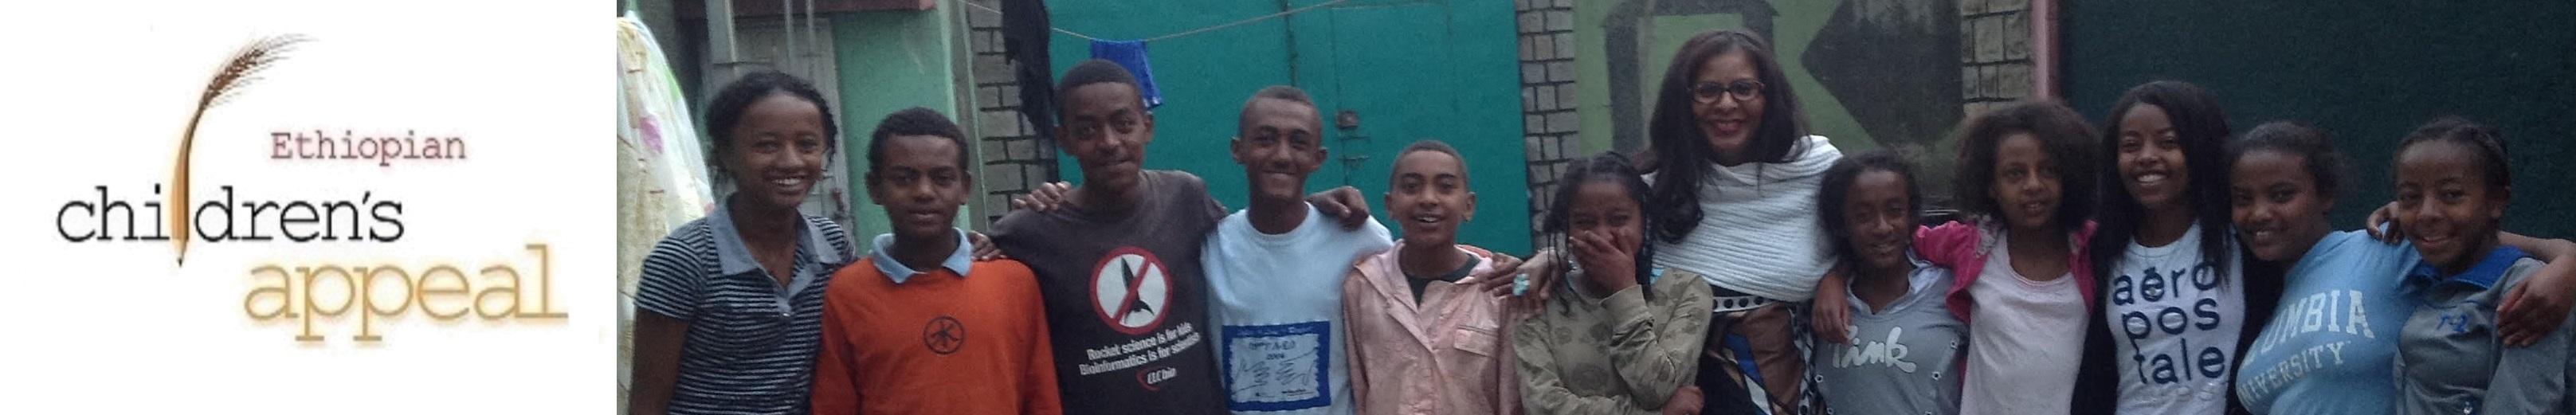 Ethiopian Children's Appeal